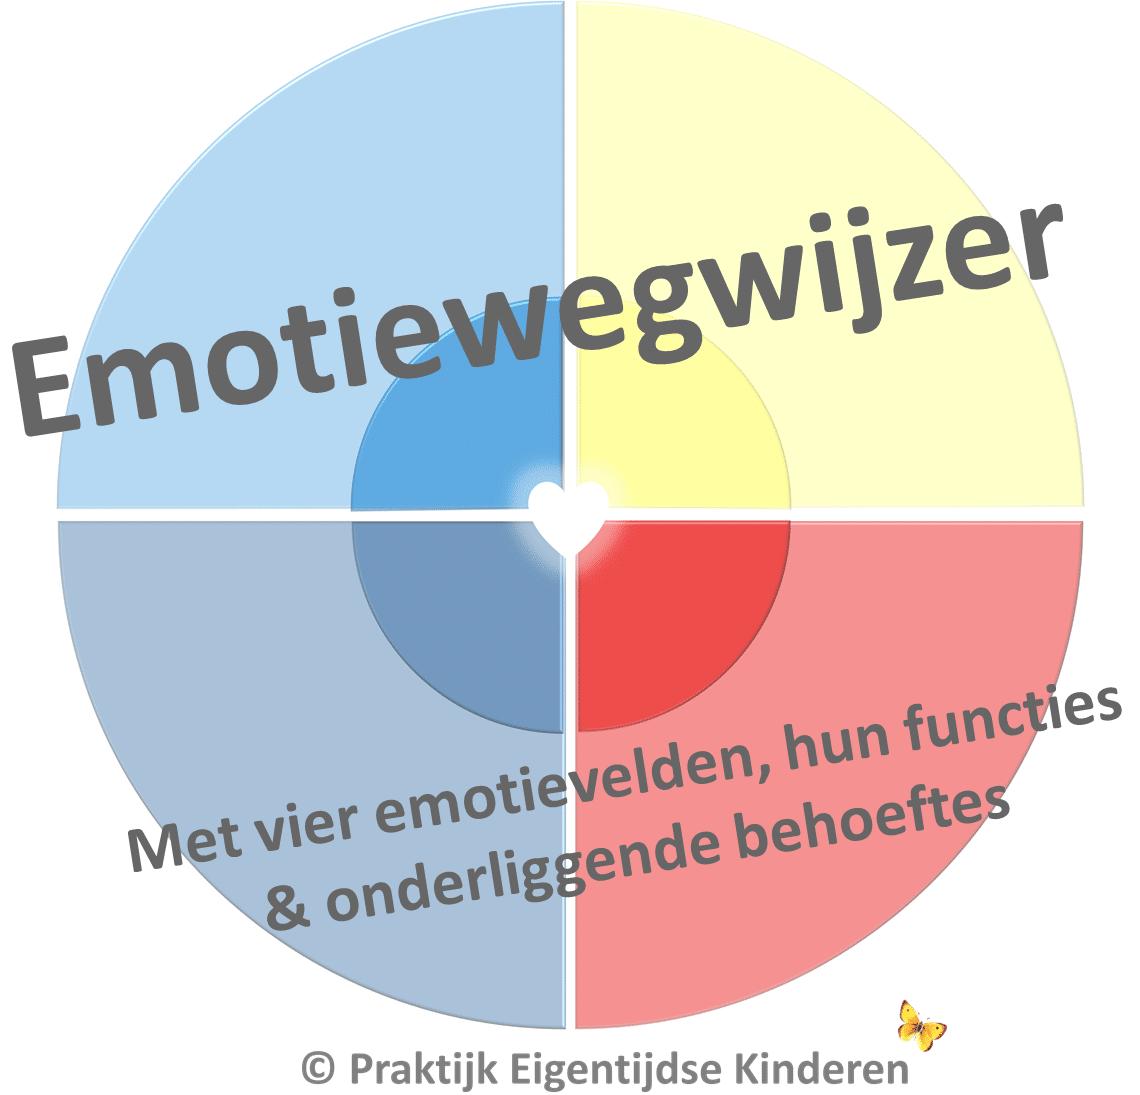 Emotiewegwijzer, omgaan met intense emoties